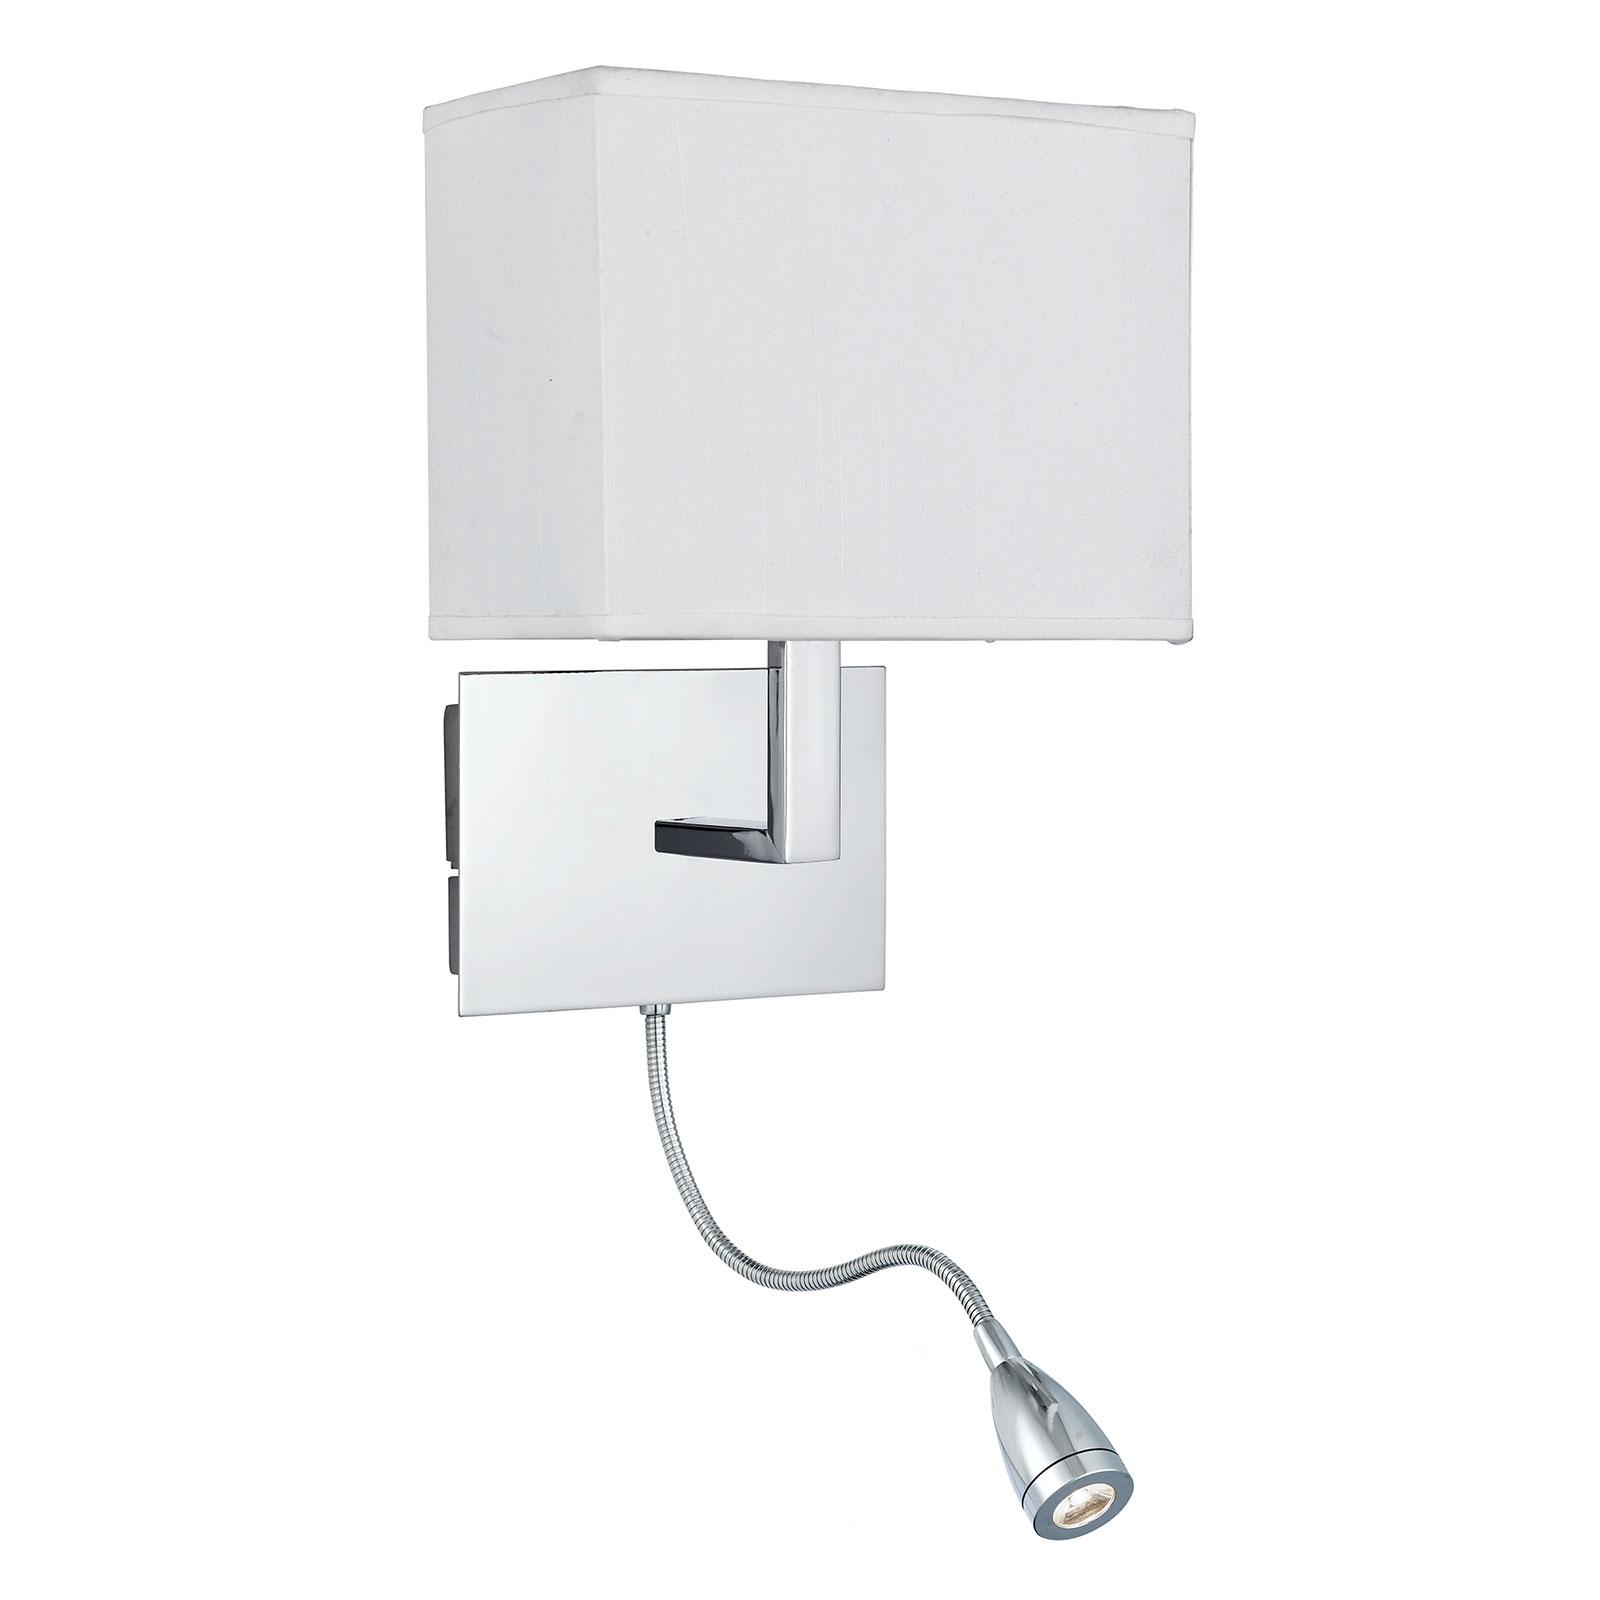 Seinävalaisin 6519, jossa on LED-lukuvalo, kromi